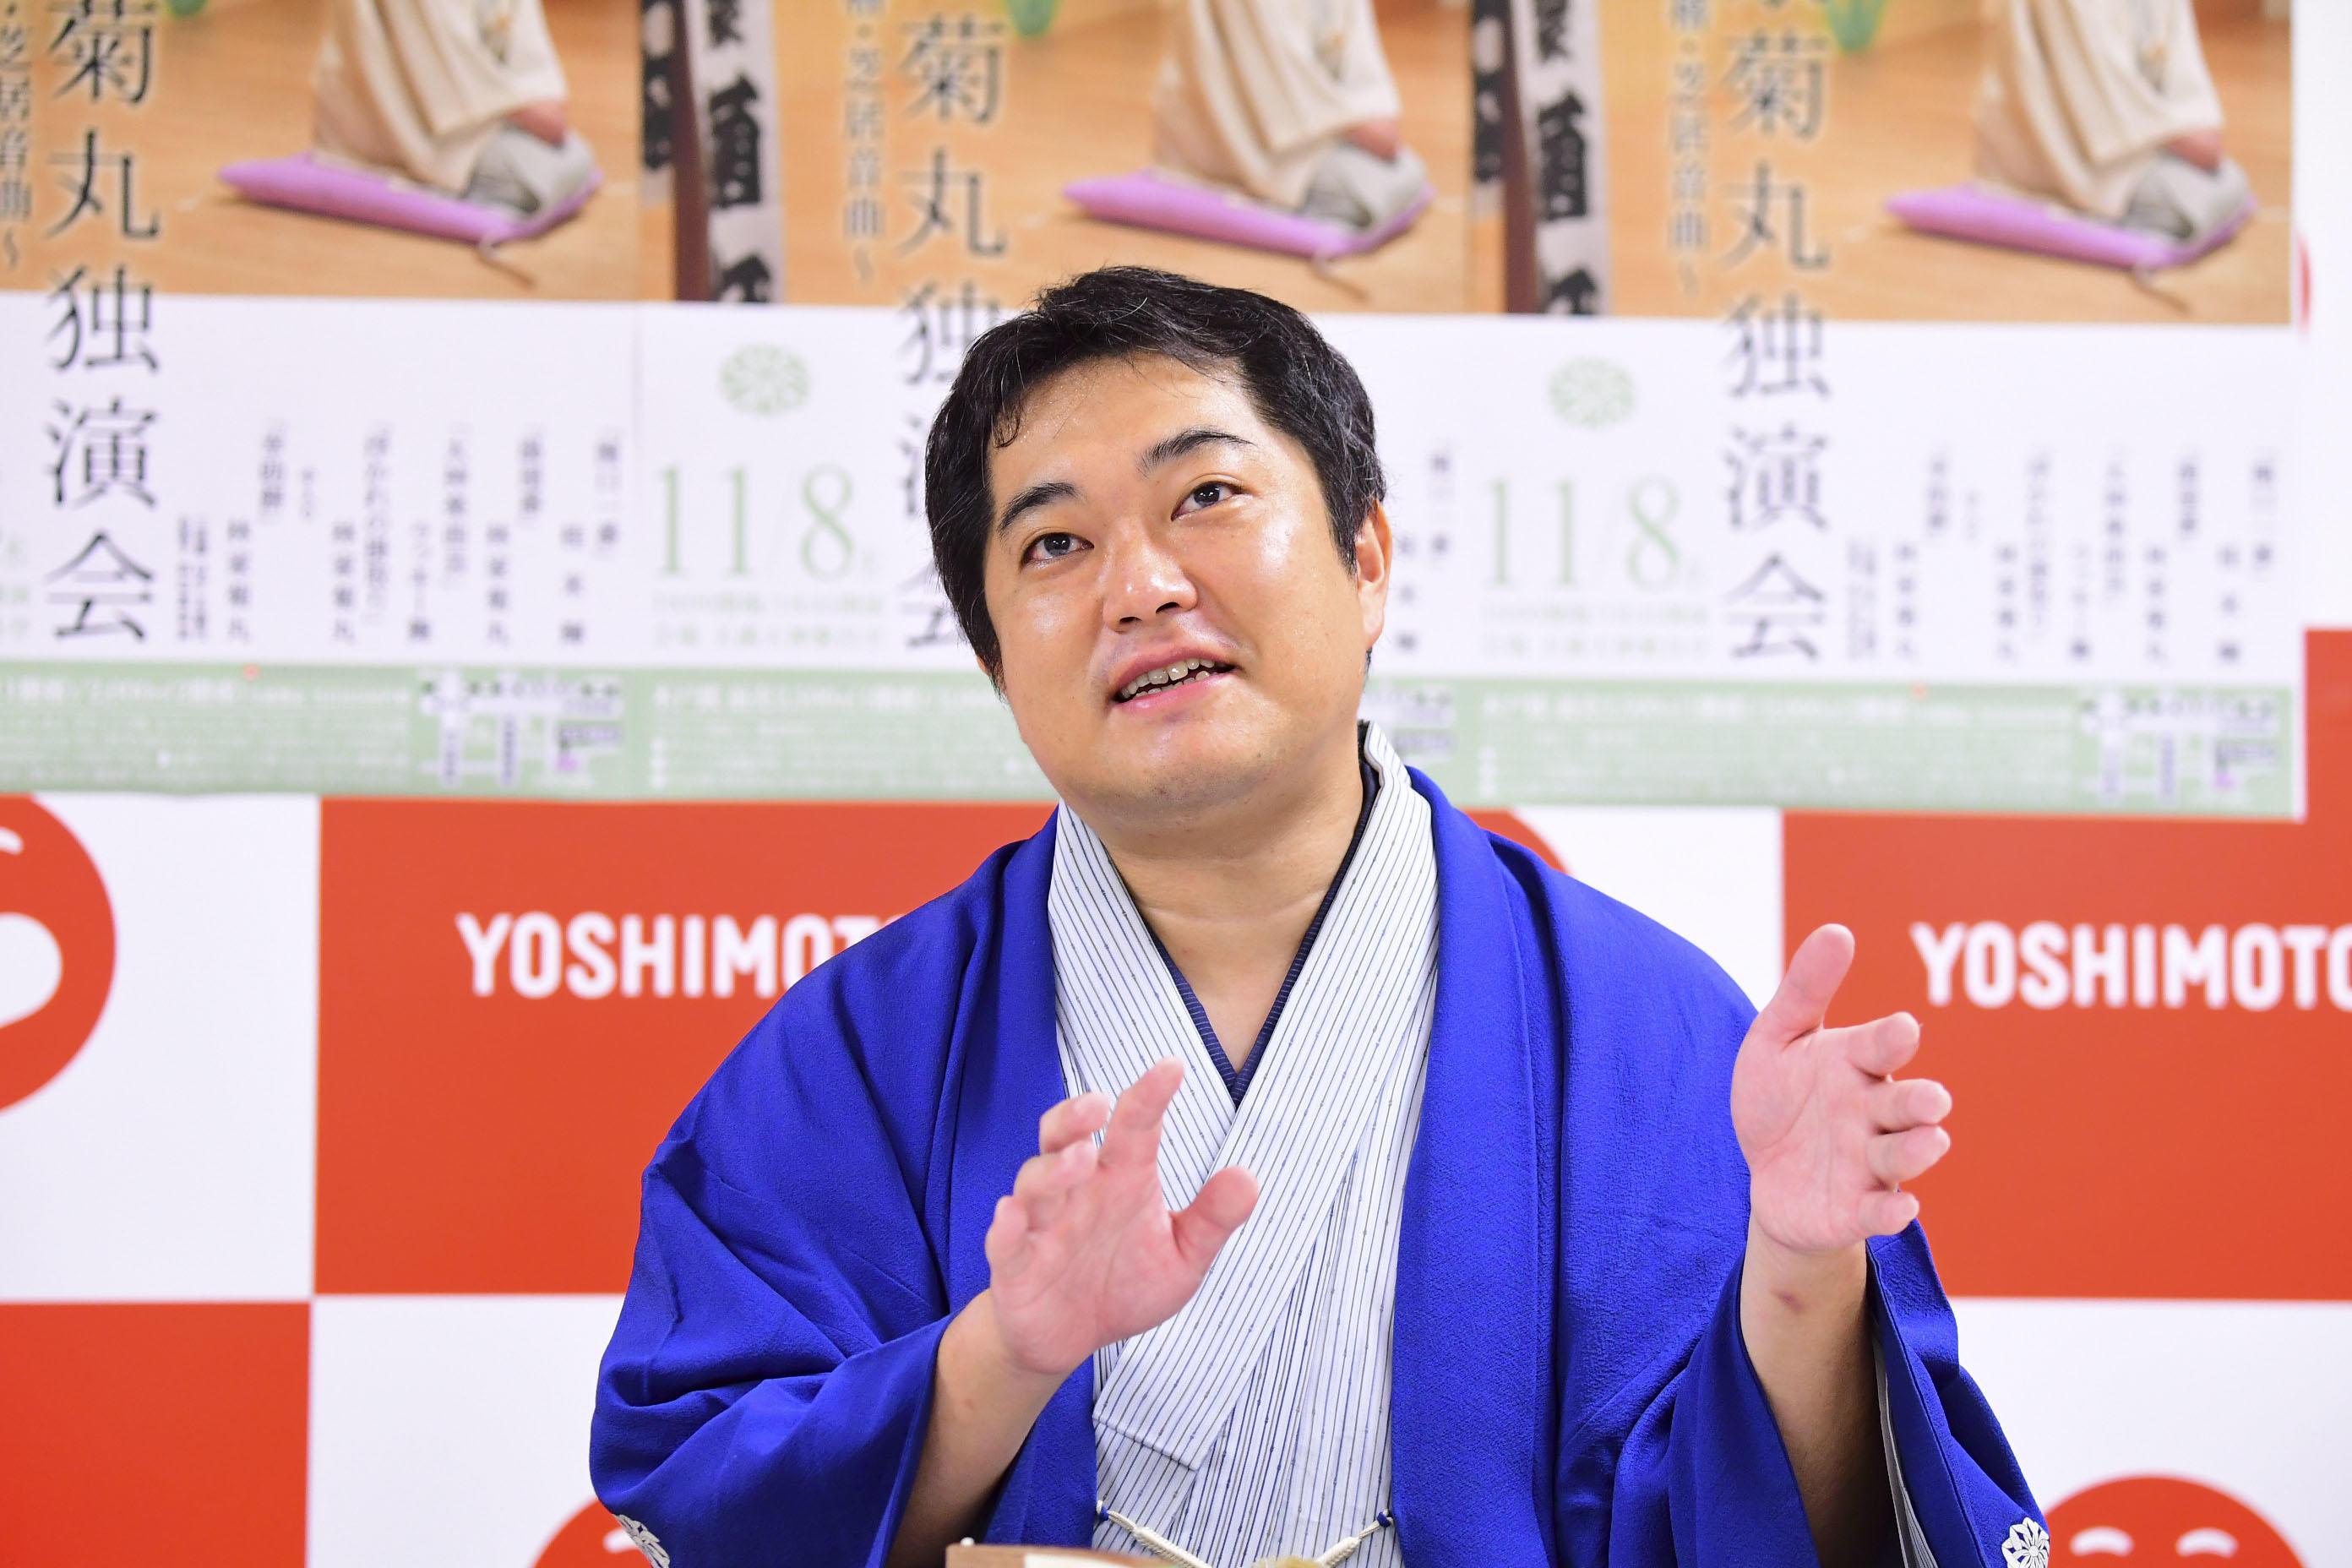 http://news.yoshimoto.co.jp/20171003083940-40907daed4ad1465d179cf721bd6bd24f57fbcd0.jpg